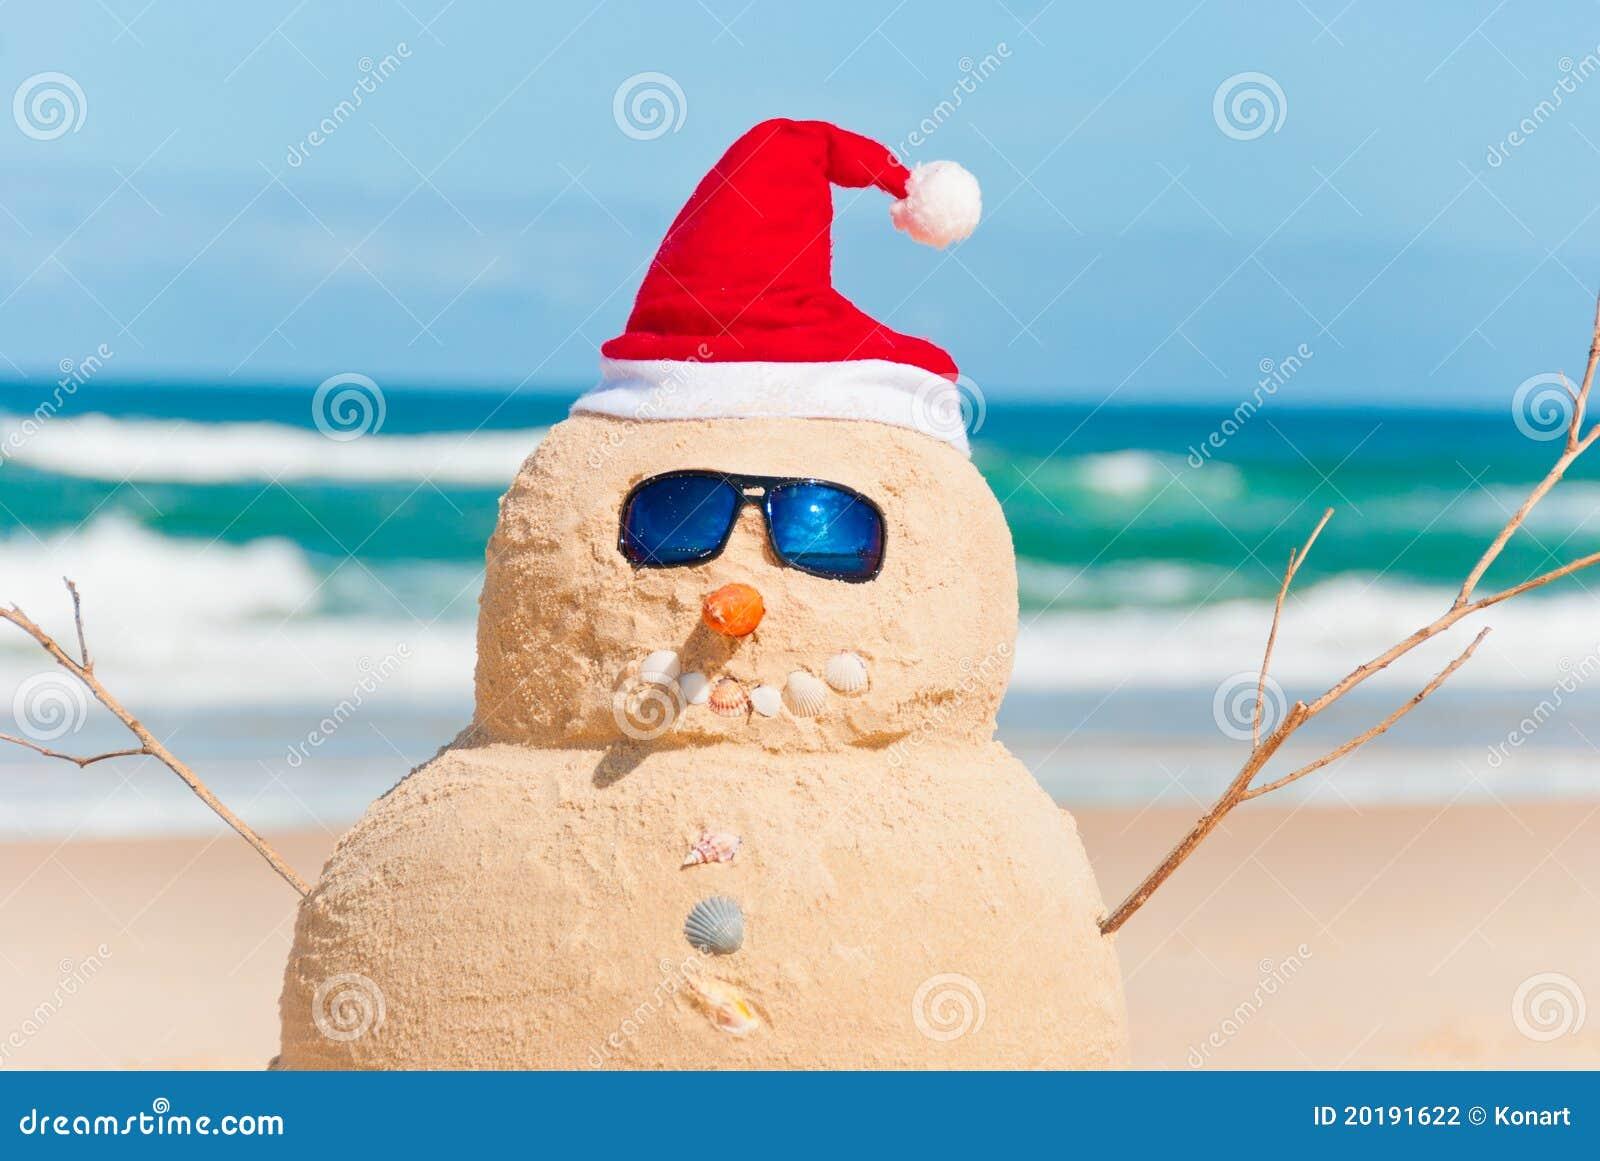 Pupazzo Di Neve Fatto Dalla Sabbia Con Il Cappello Della Santa ... c3761d504d47